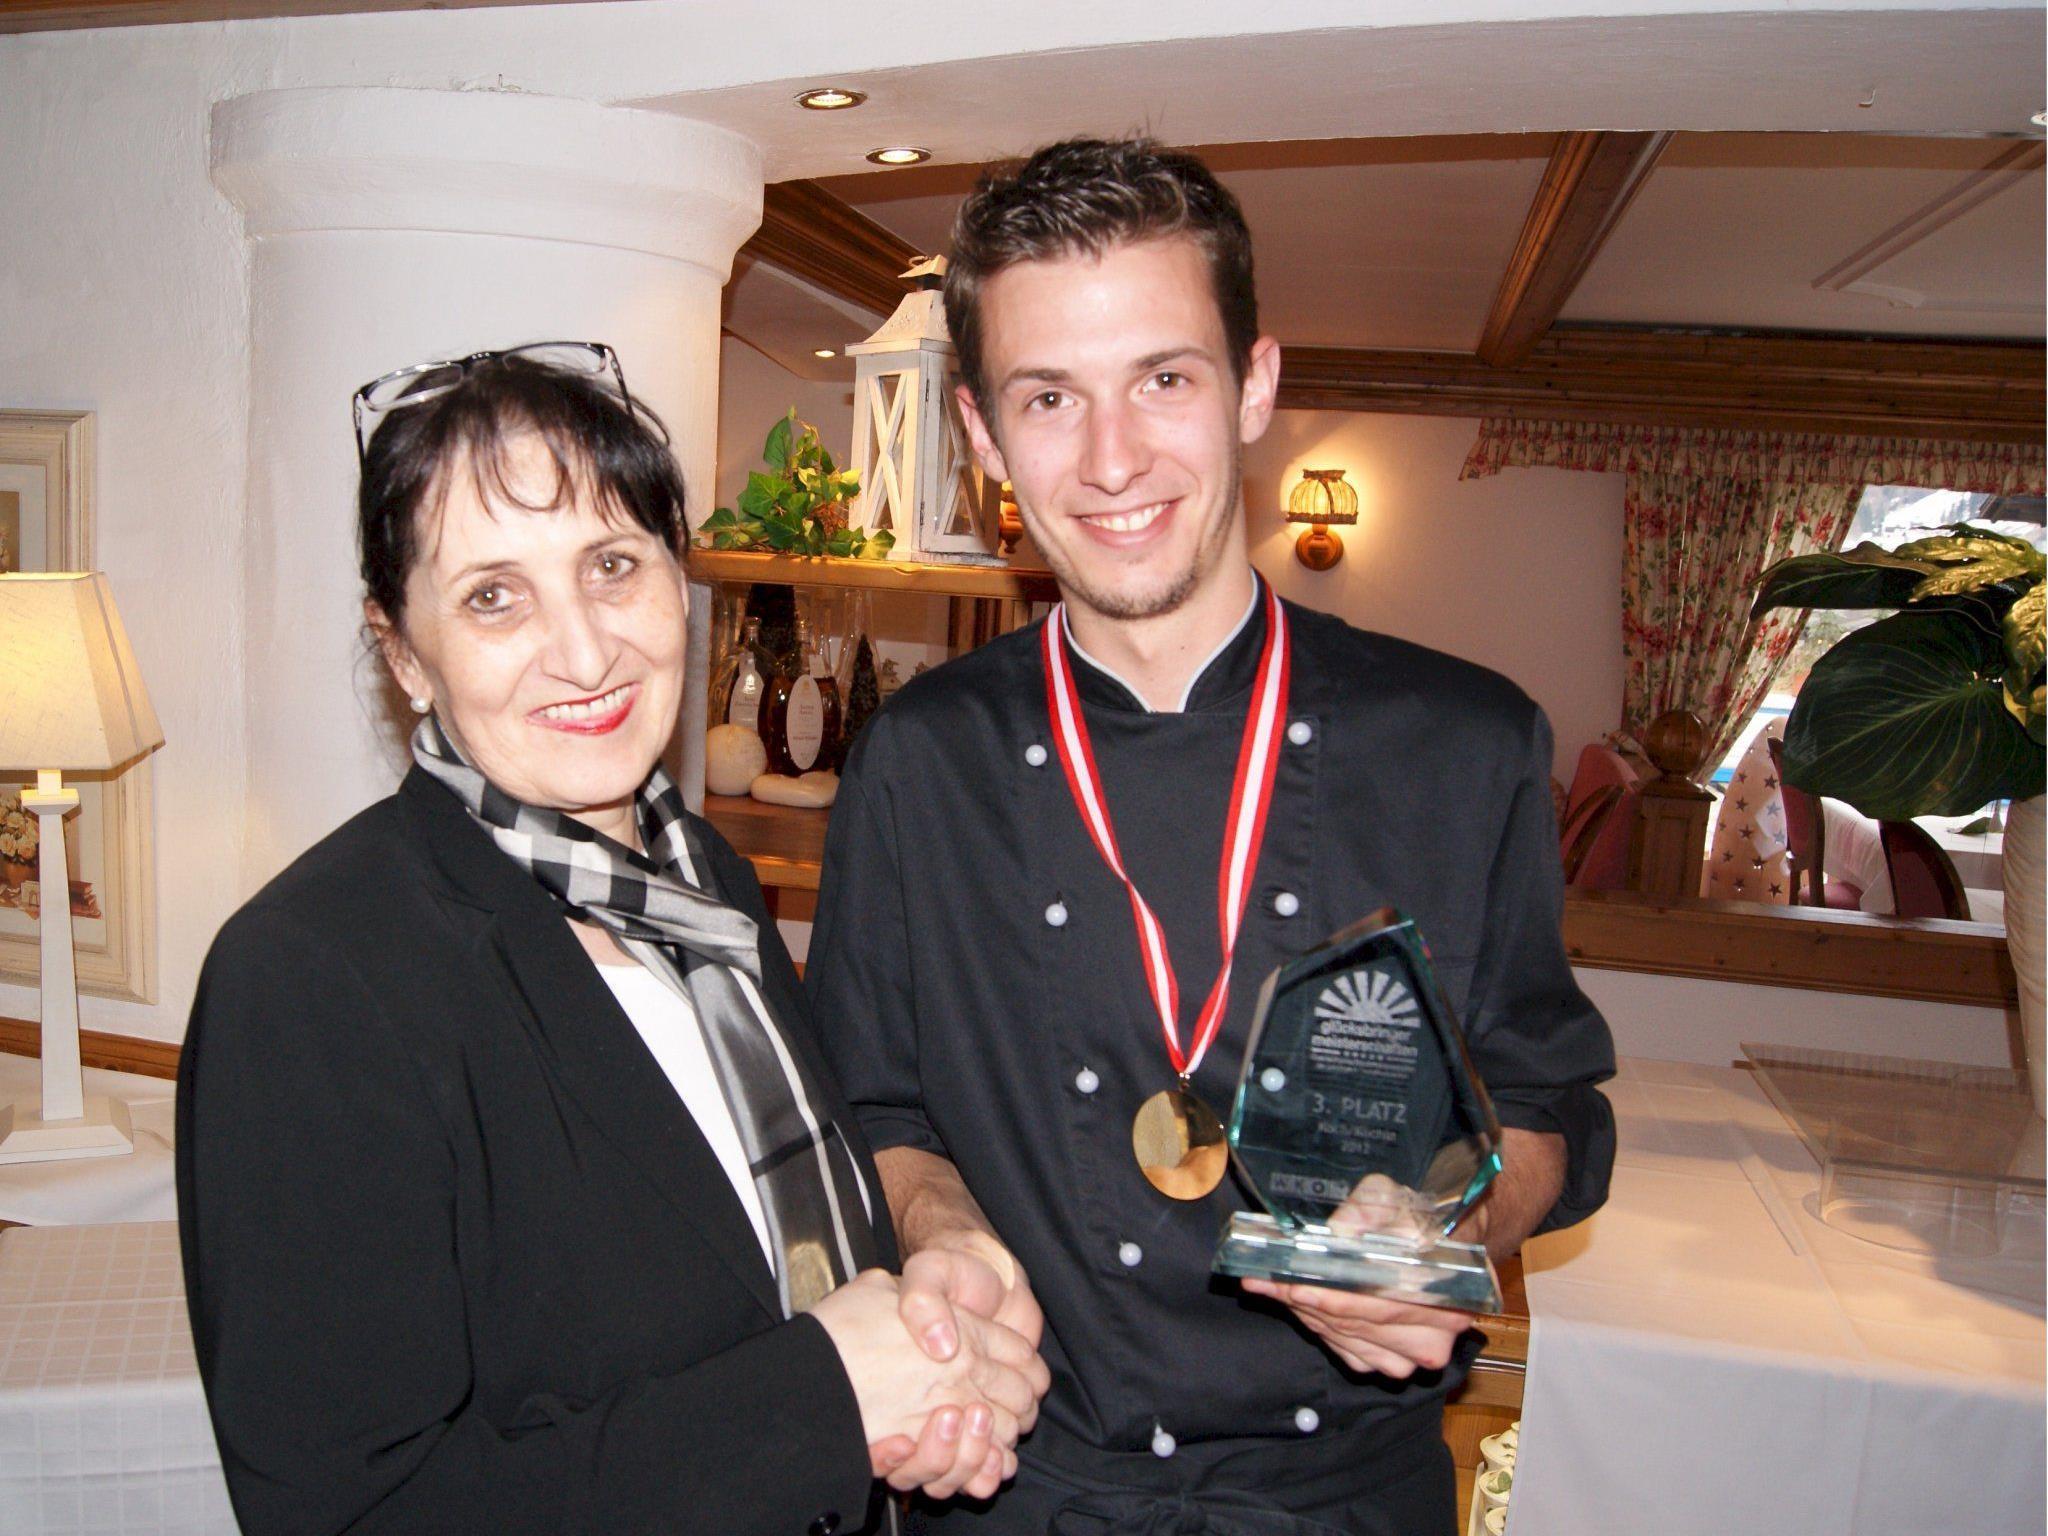 Yvonne Domig gratuliert Markus Netzer zu seinem Erfolg